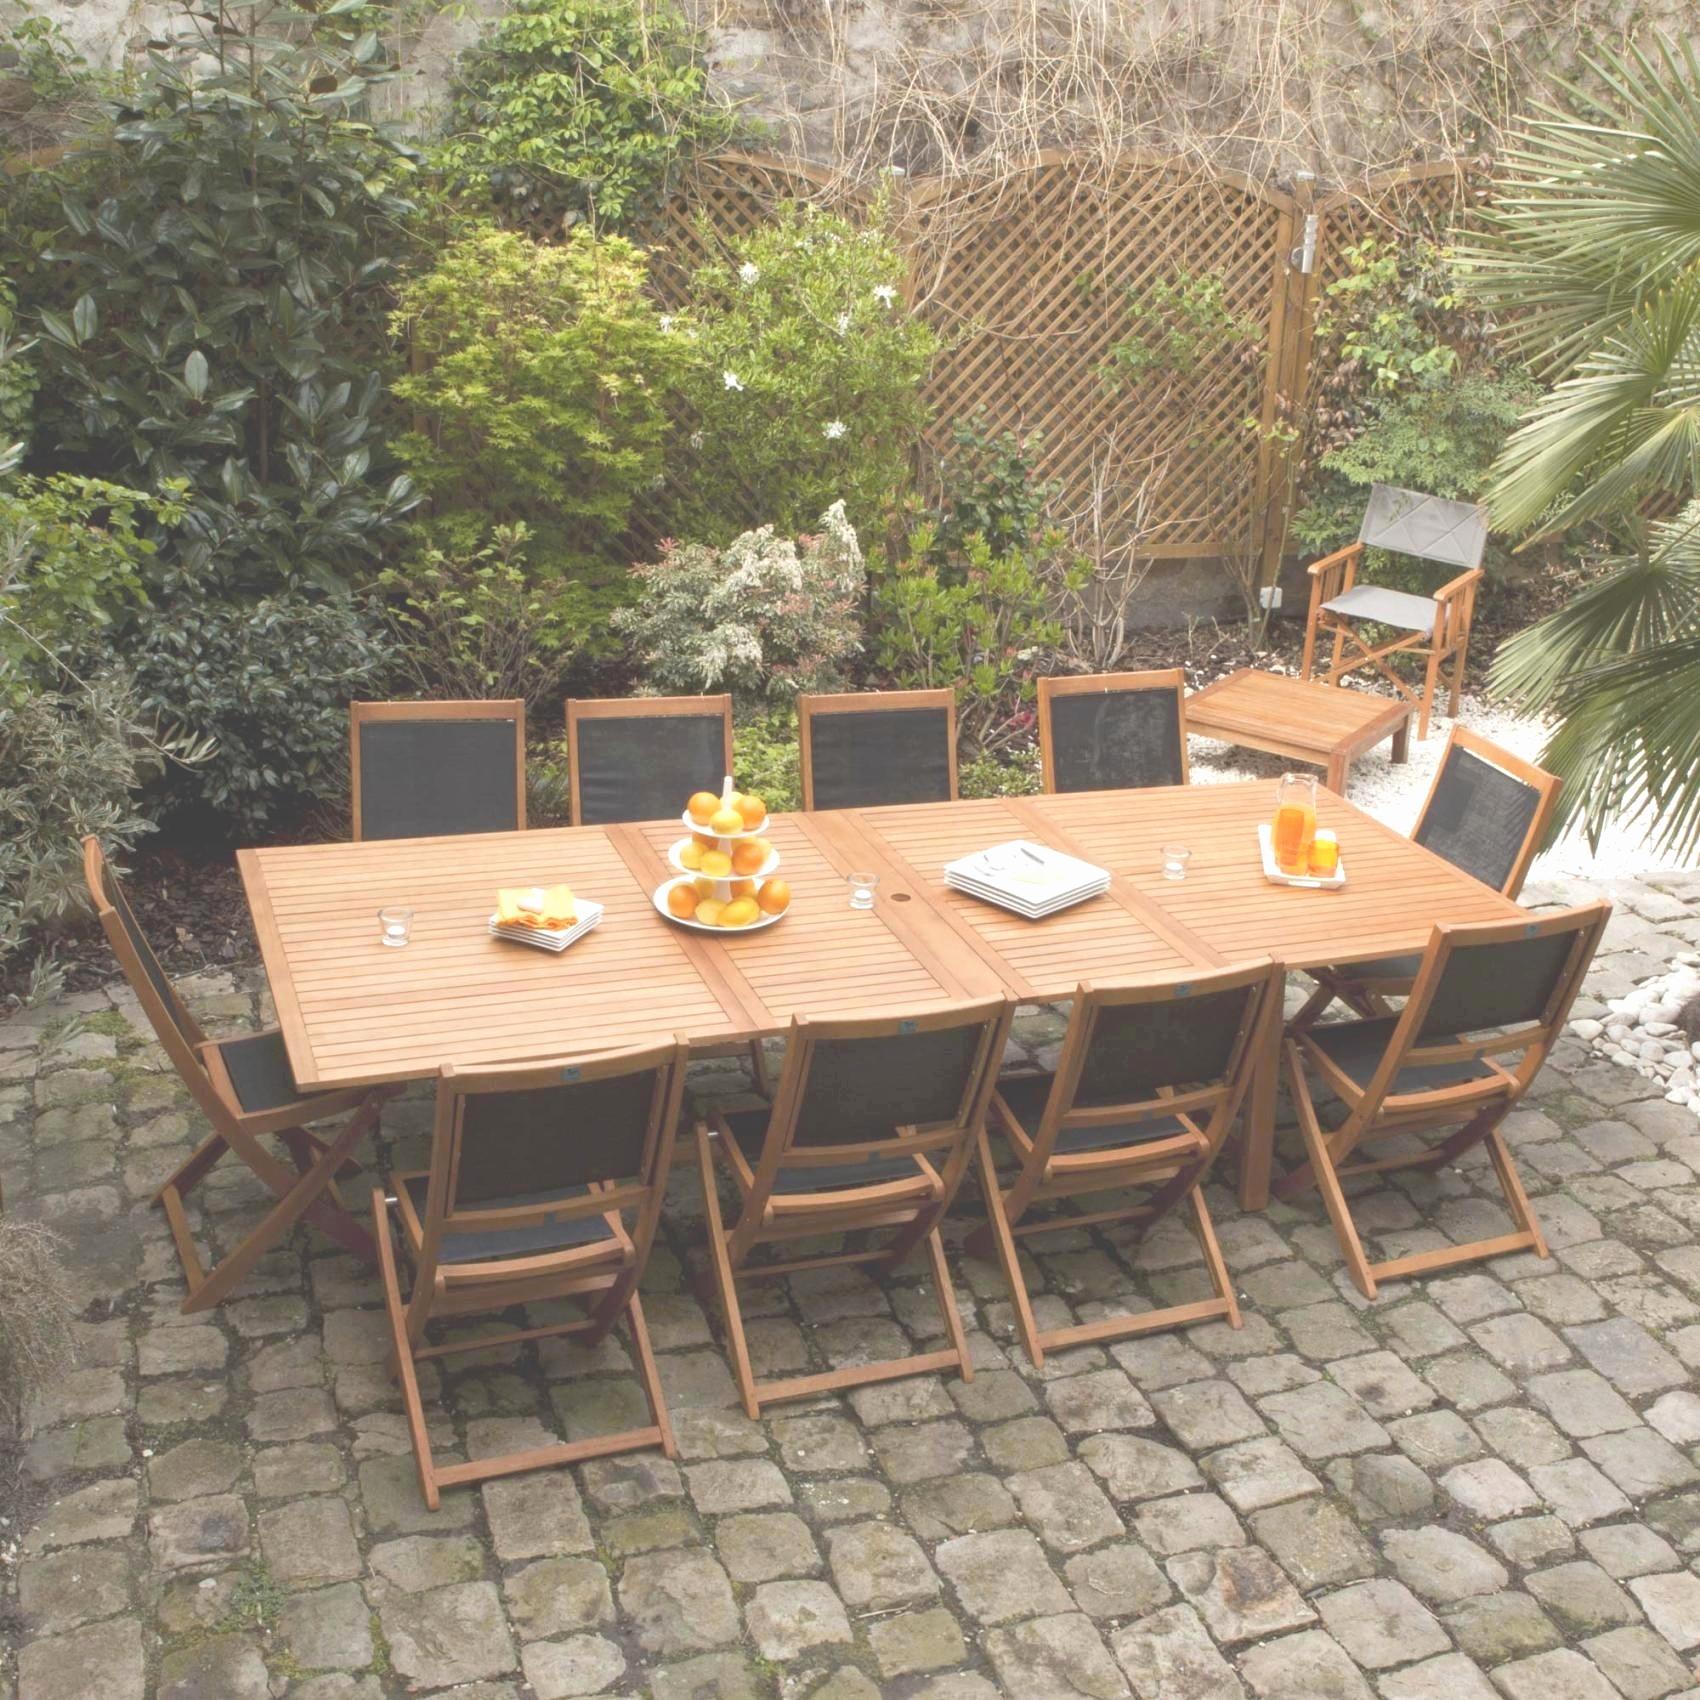 Armoire Resine Castorama Inspirant Image Mobilier De Jardin Castorama Beau Fabuleux Armoire De Jardin Resine